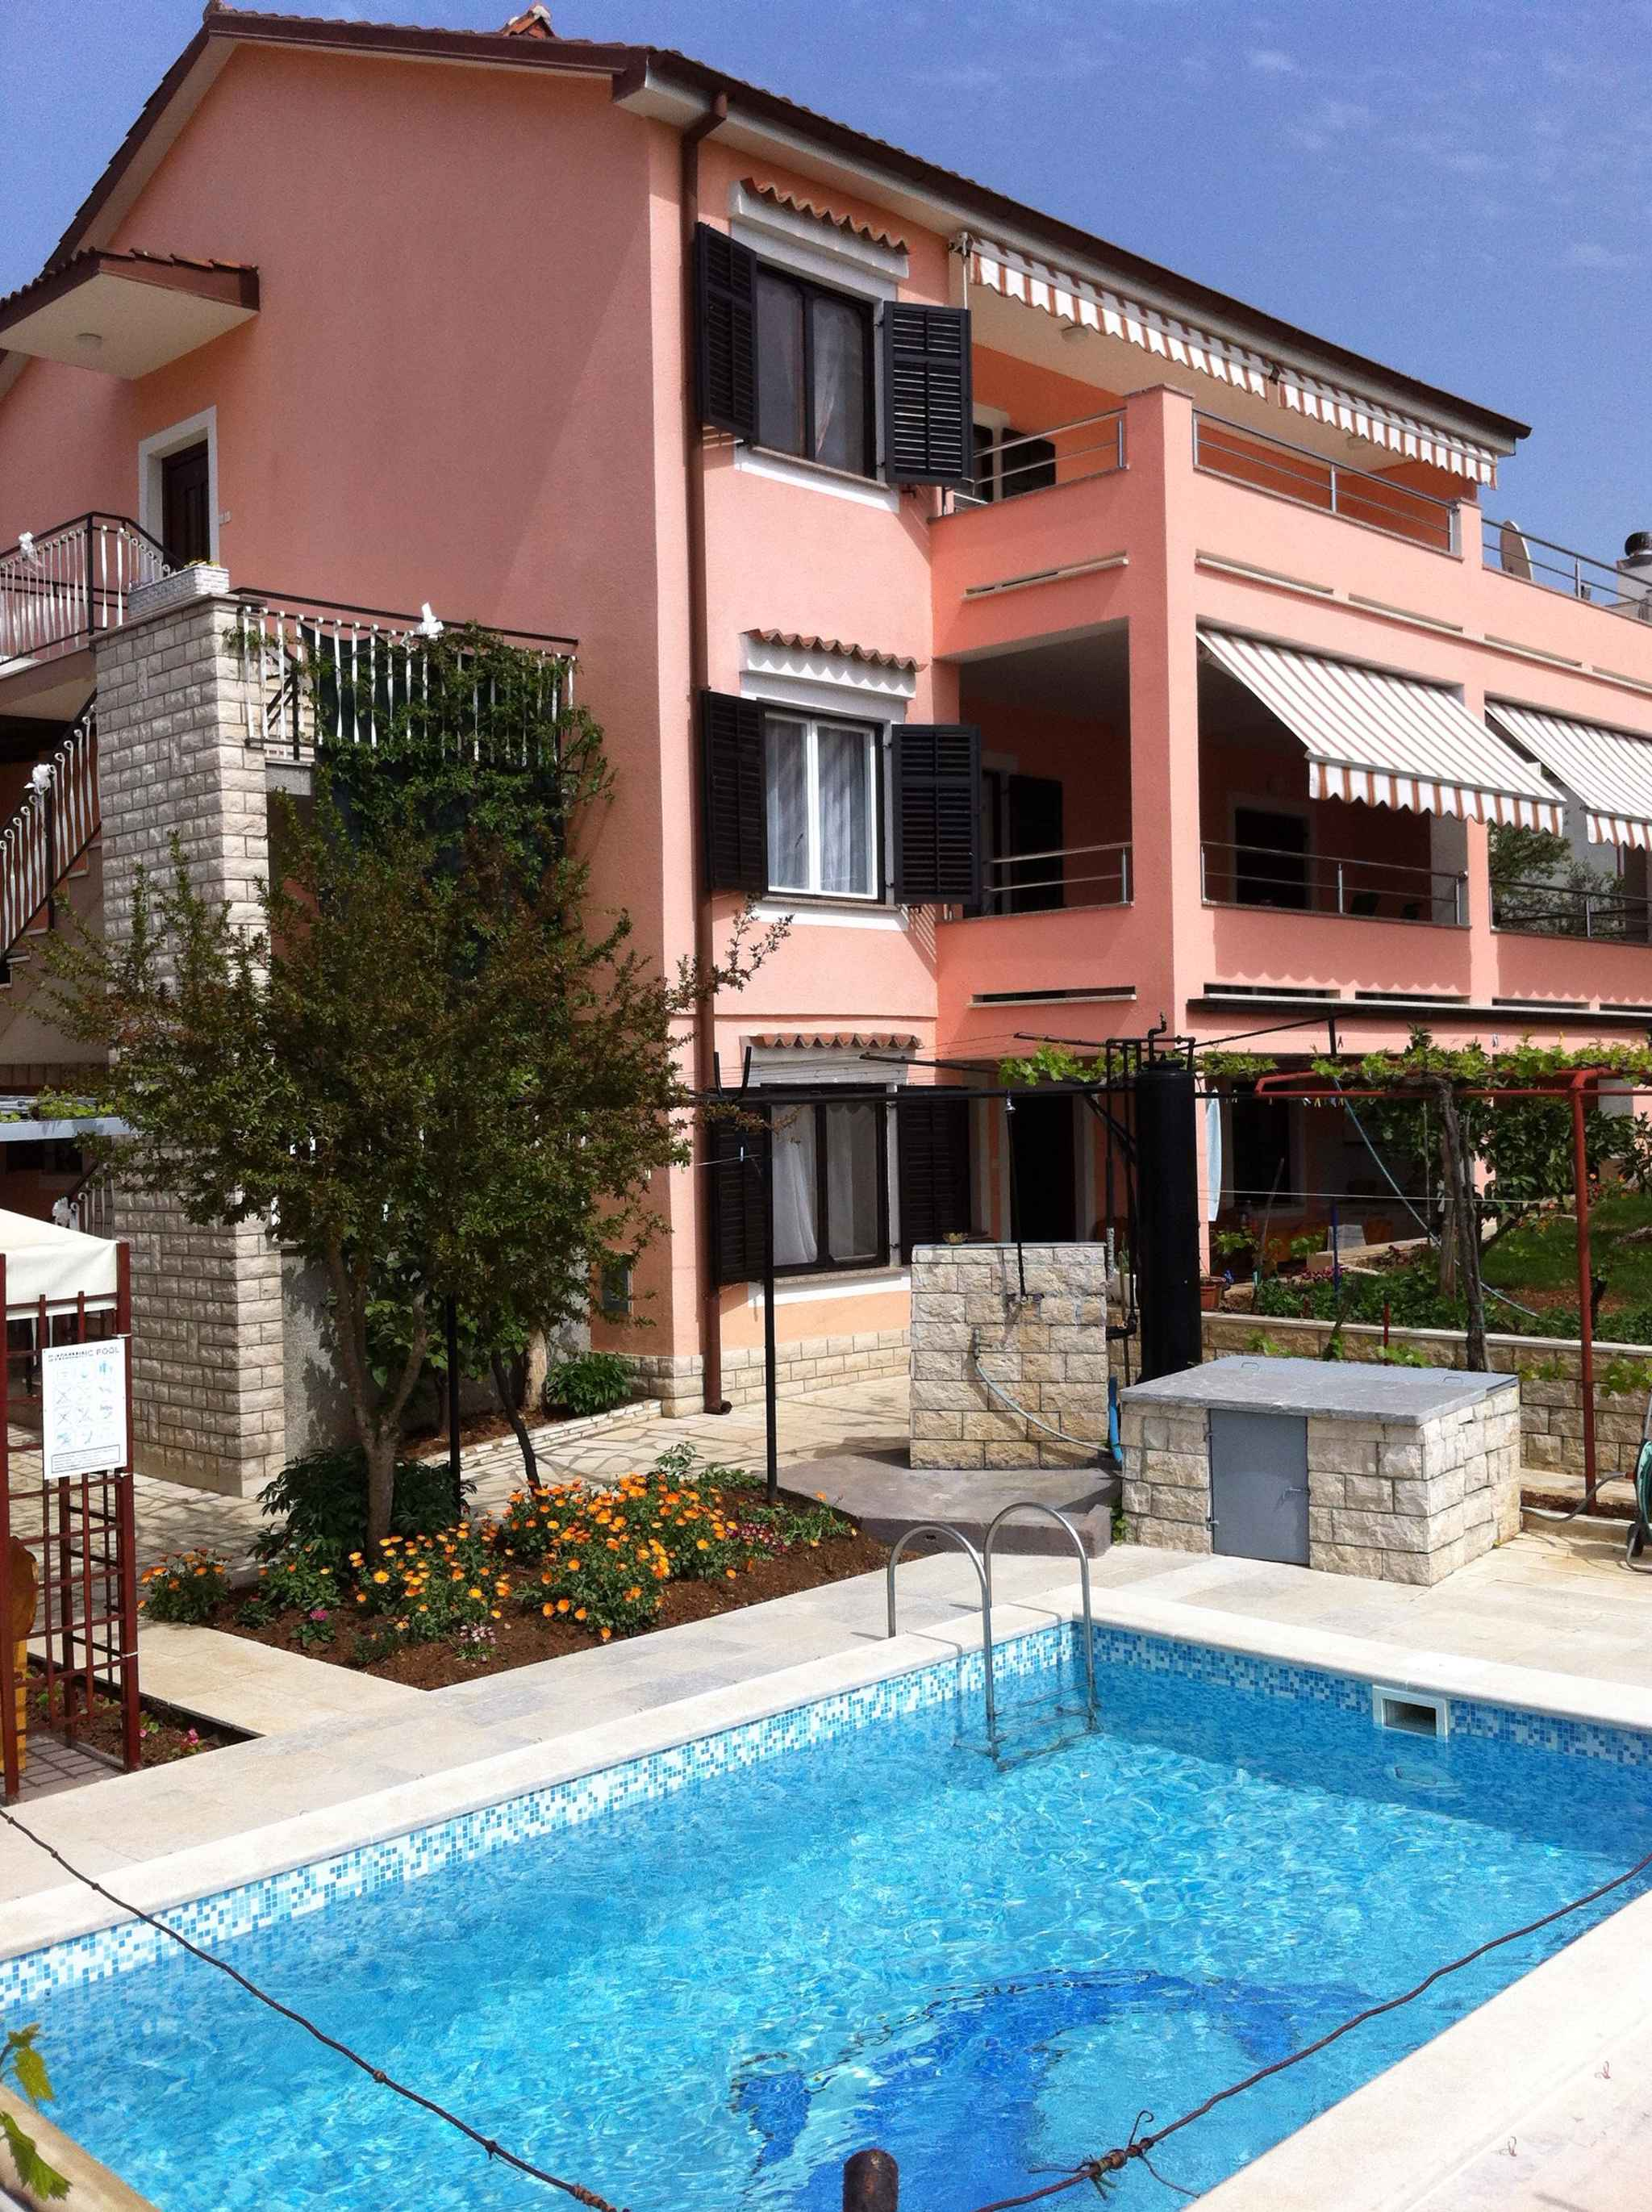 Ferienwohnung mit Pool und Grill (280662), Pula, , Istrien, Kroatien, Bild 1